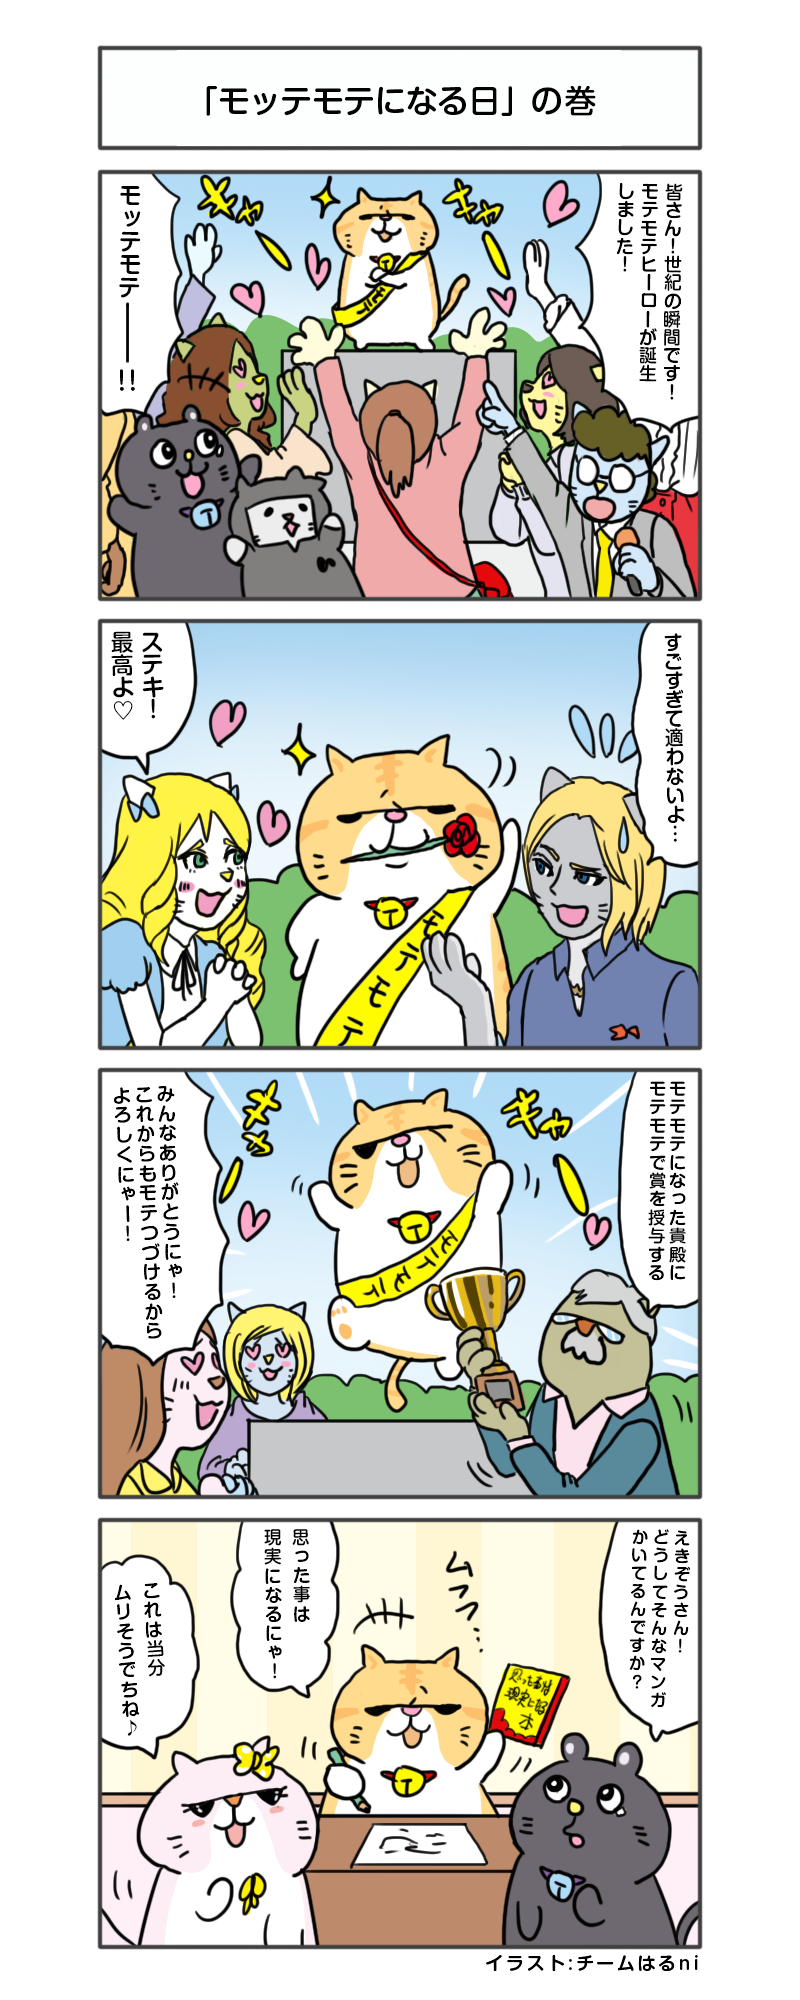 えきぞうmanga_vol.167